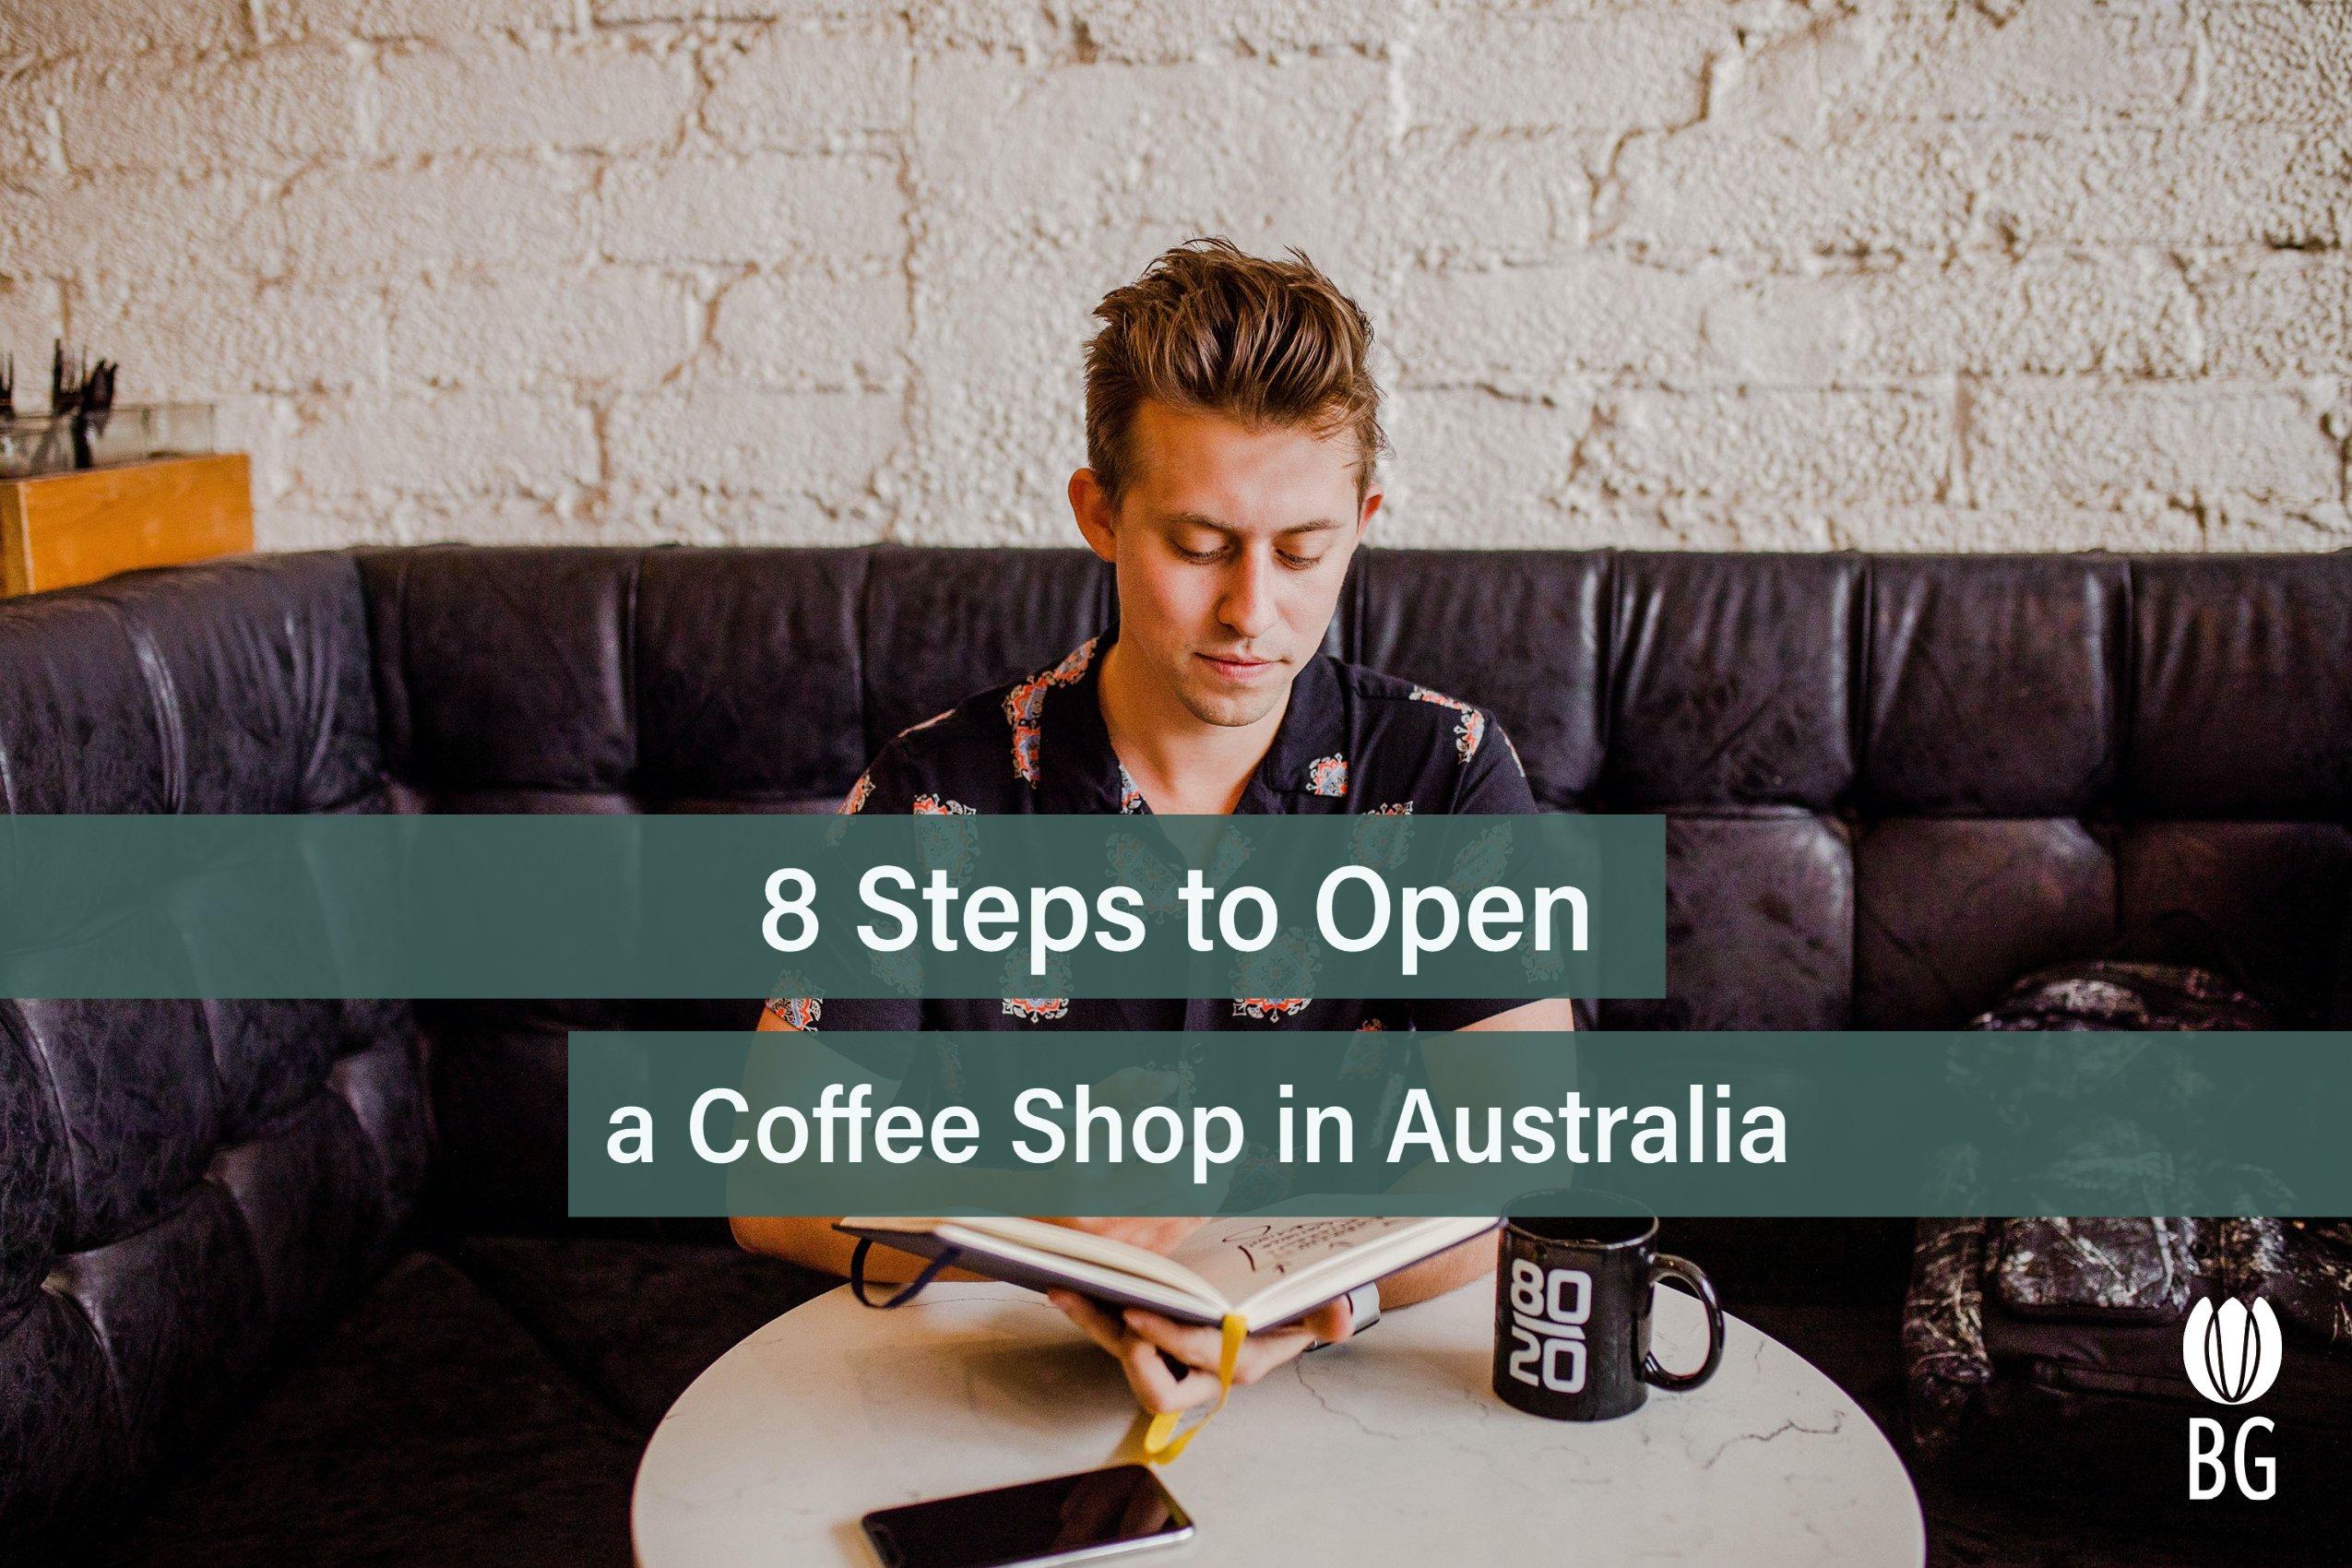 open a coffee shop in australia